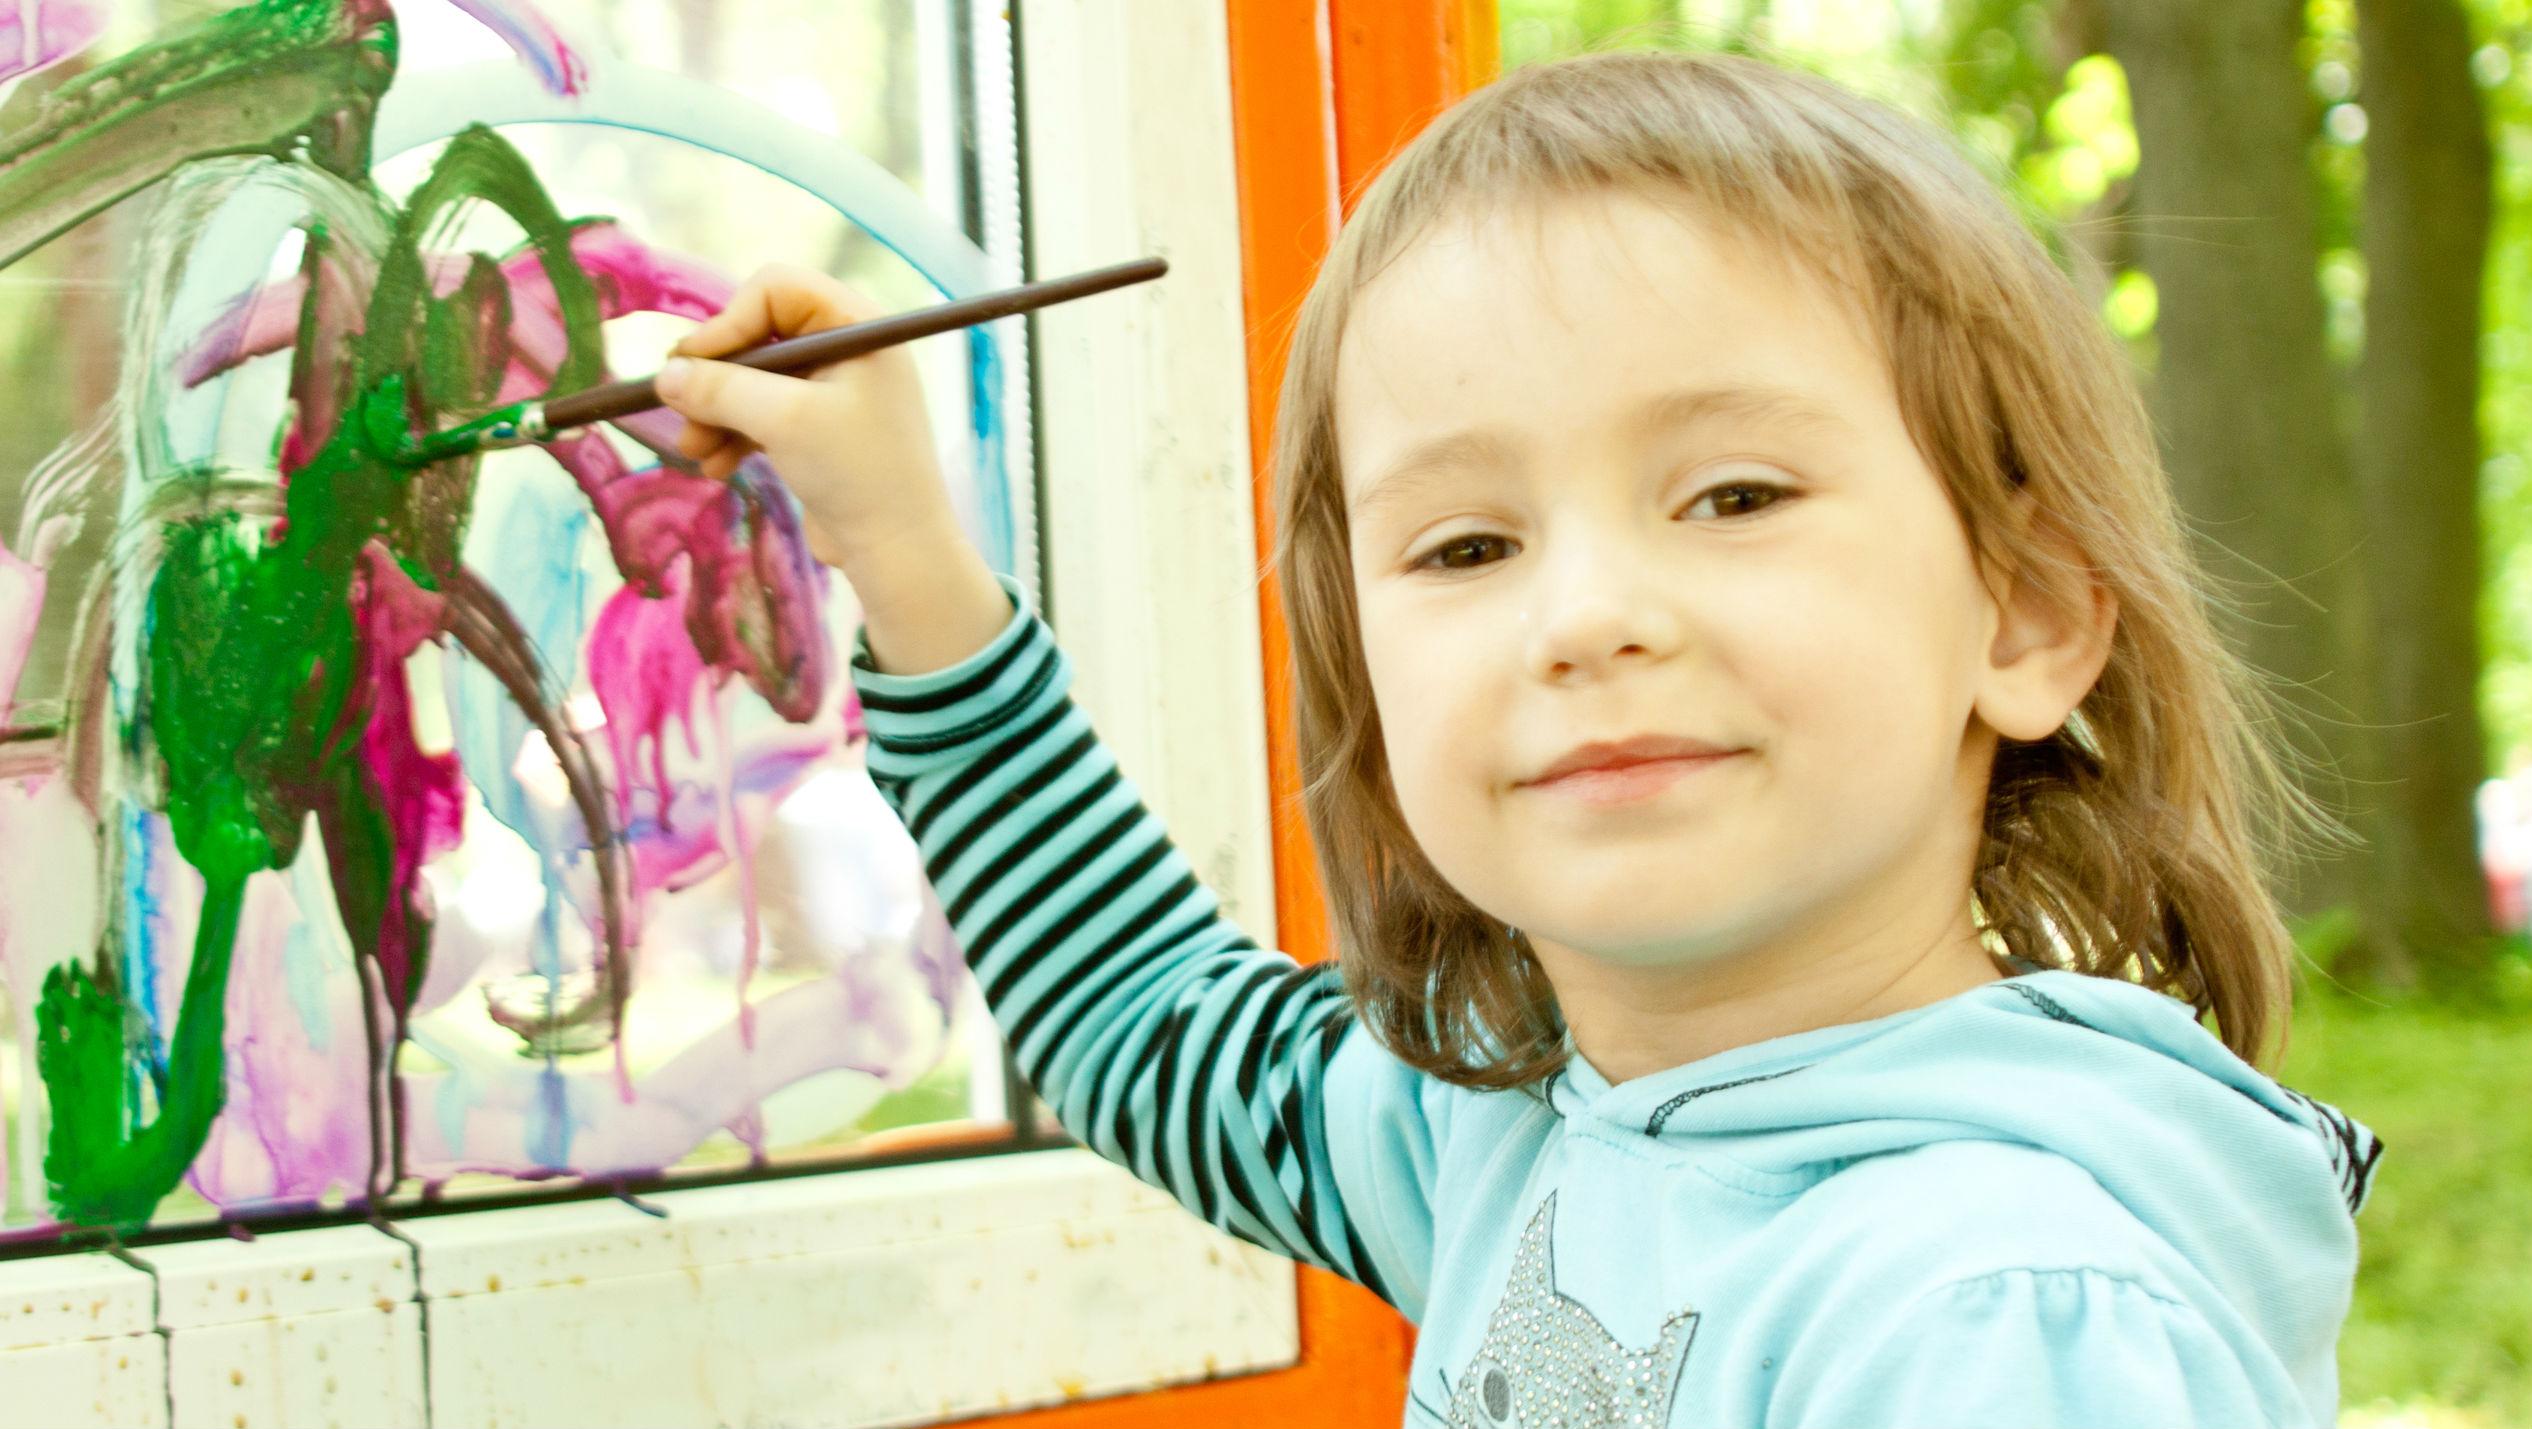 El significado del color en los dibujos de los niños